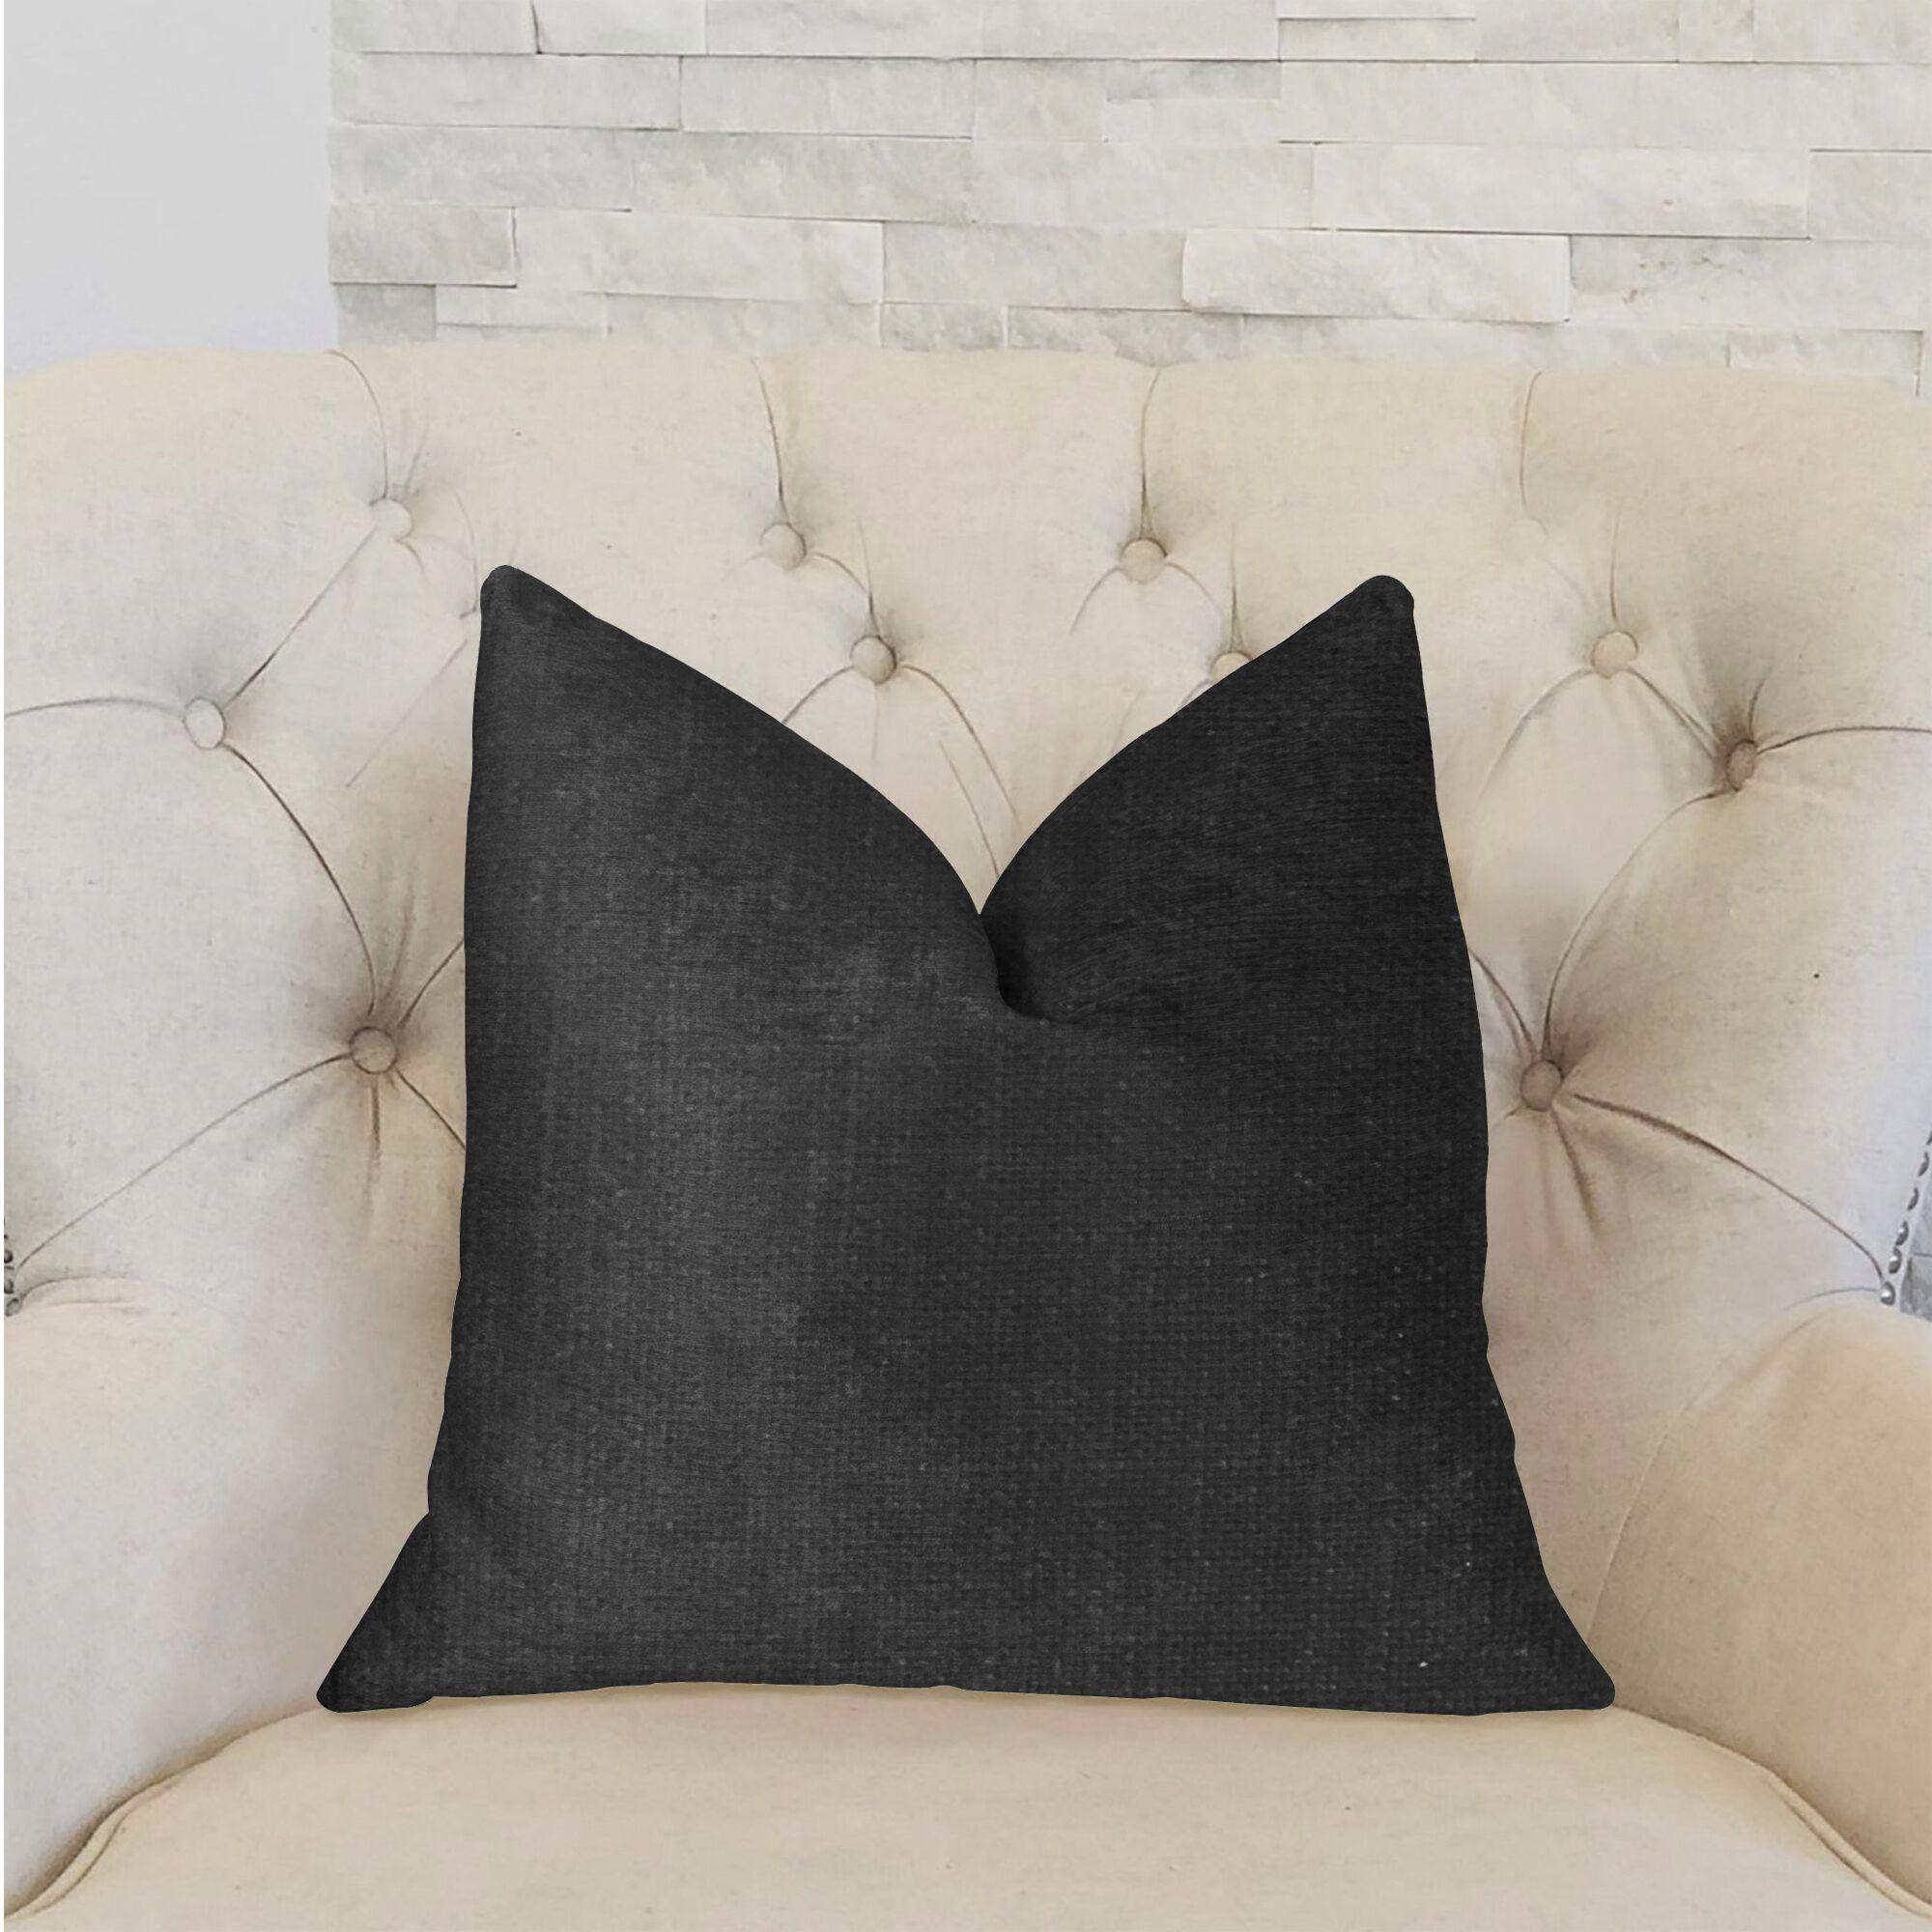 Turnham Luxury Pillow